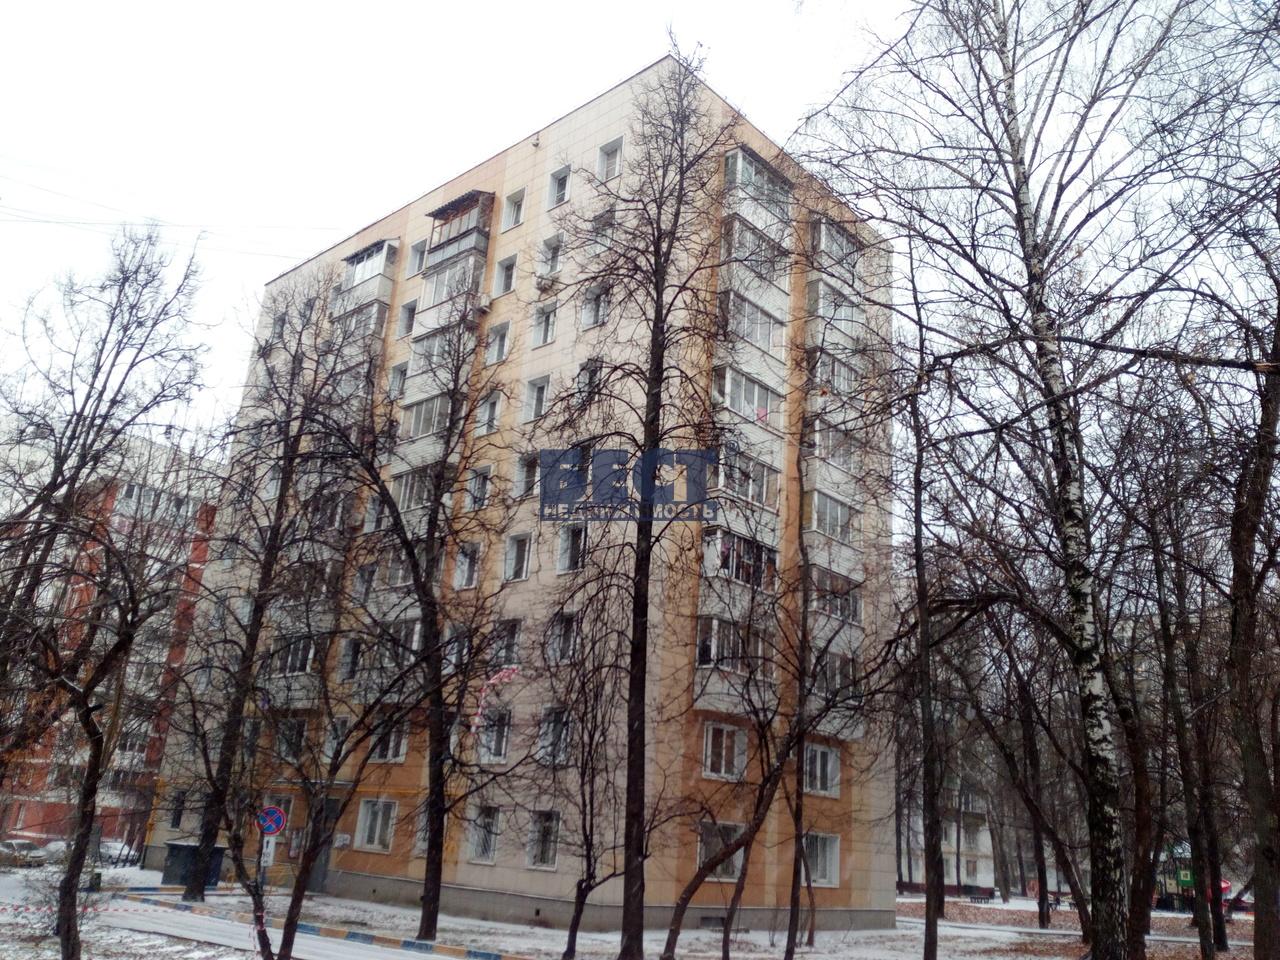 Цены на недвижимость и квартиры в Москве на графике